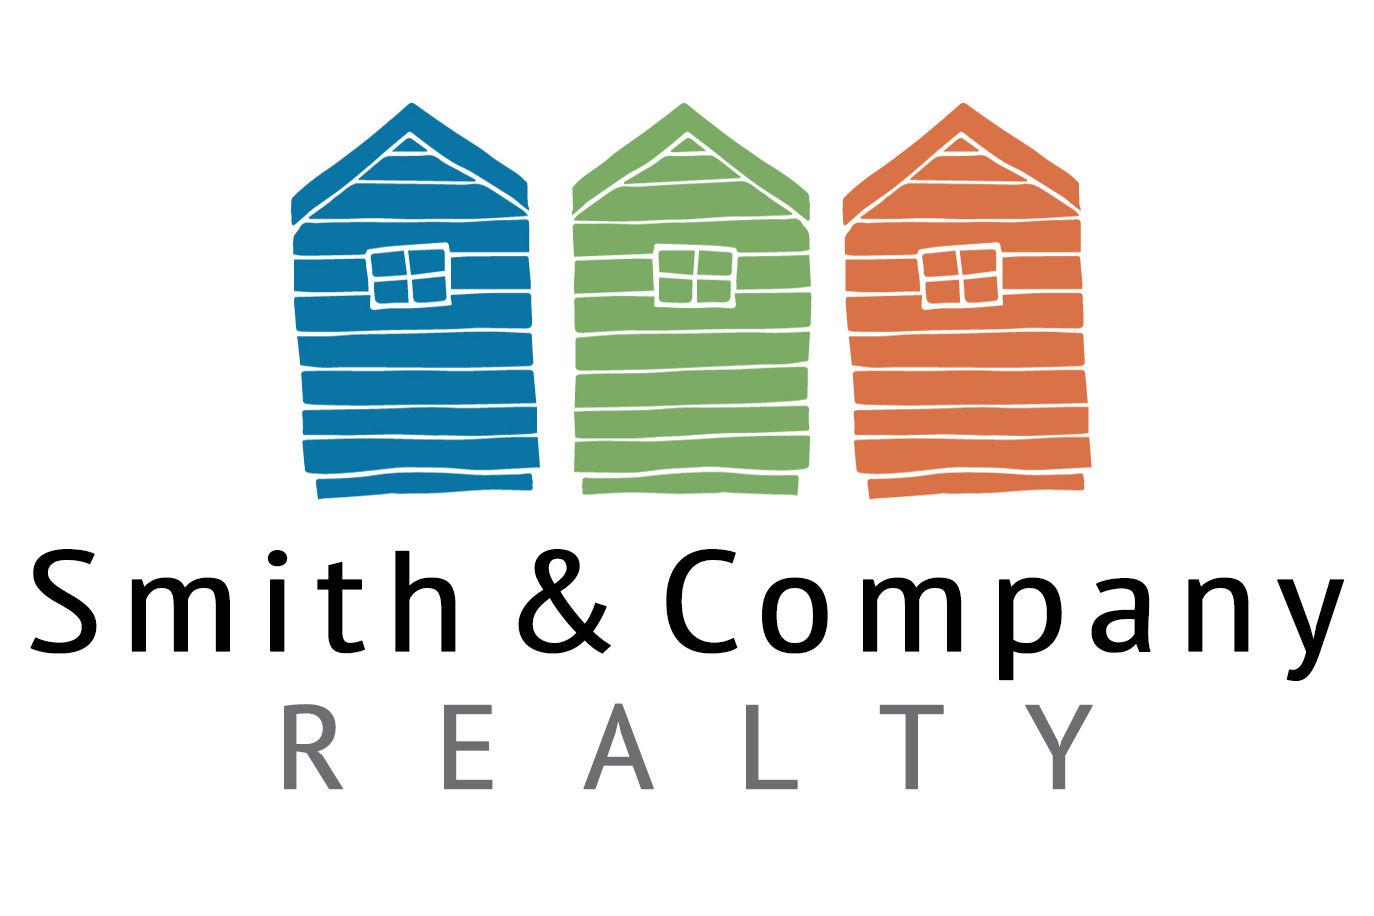 Smith & Company Realty